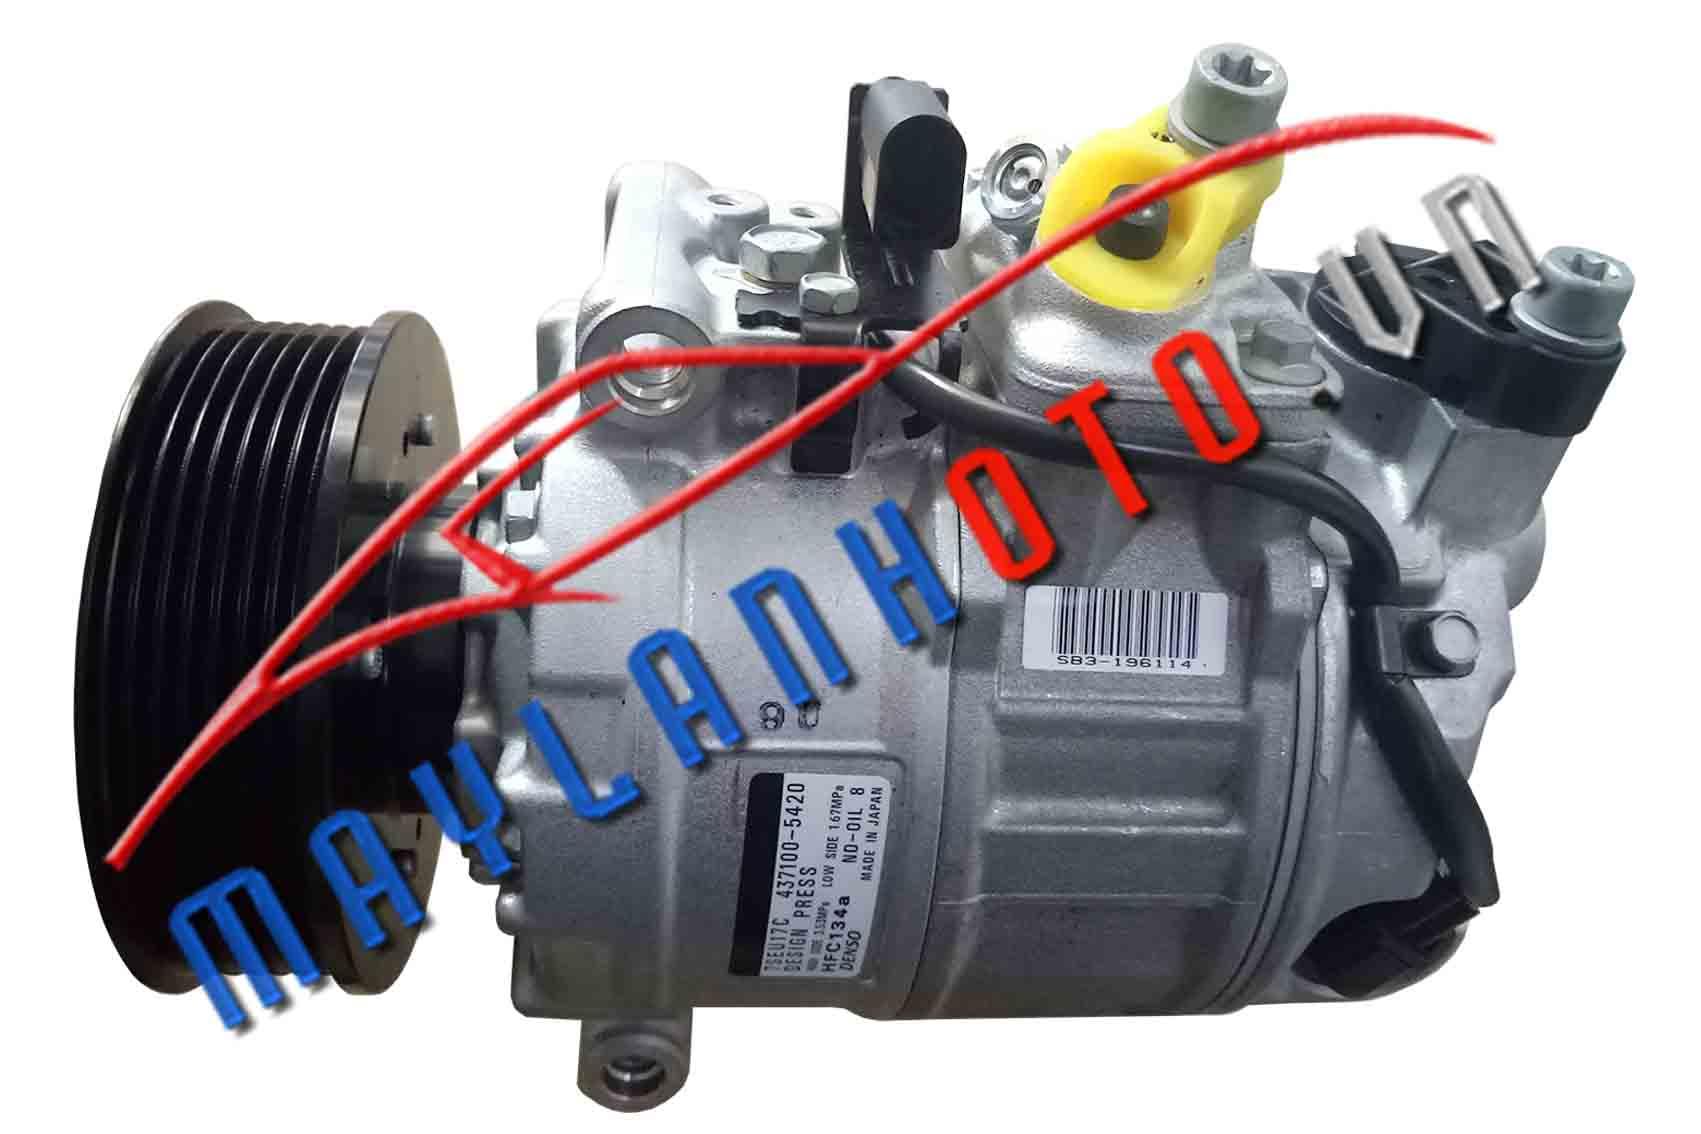 Q7 / Lốc lạnh điều hòa Audi Q7 / Máy nén khí điều hòa Audi Q7